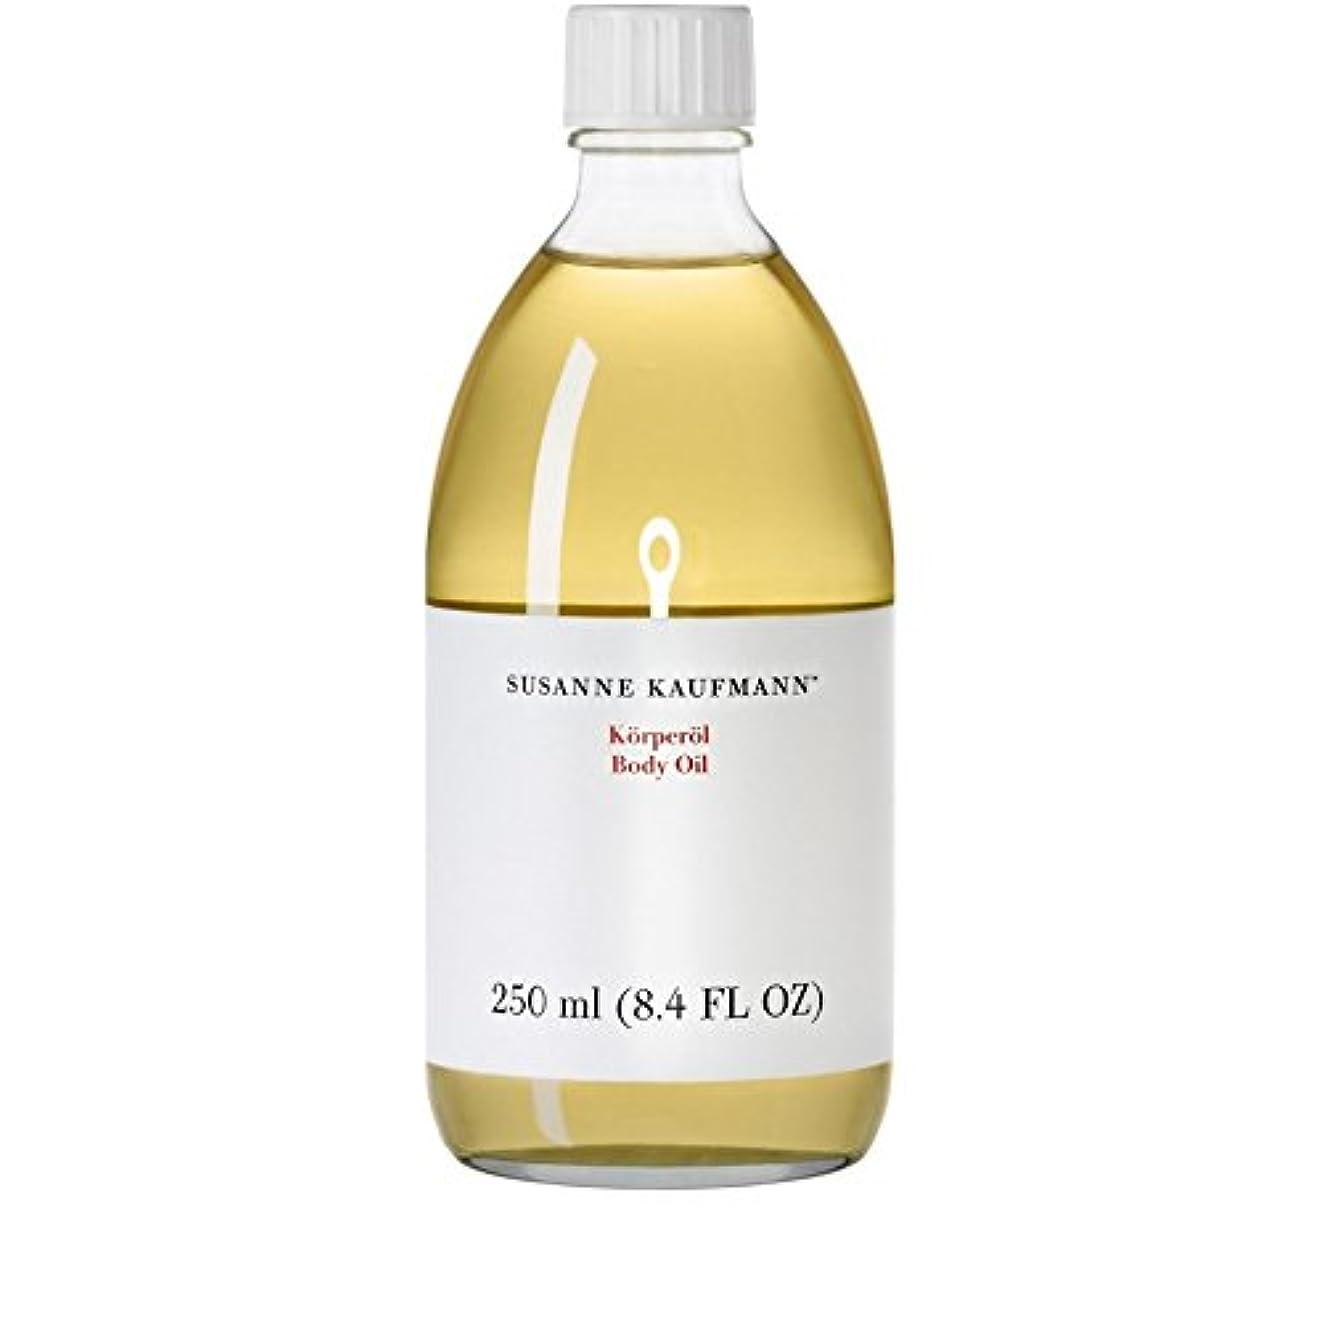 認識細断退院Susanne Kaufmann Body Oil 250ml - スザンヌカウフマンボディオイル250ミリリットル [並行輸入品]